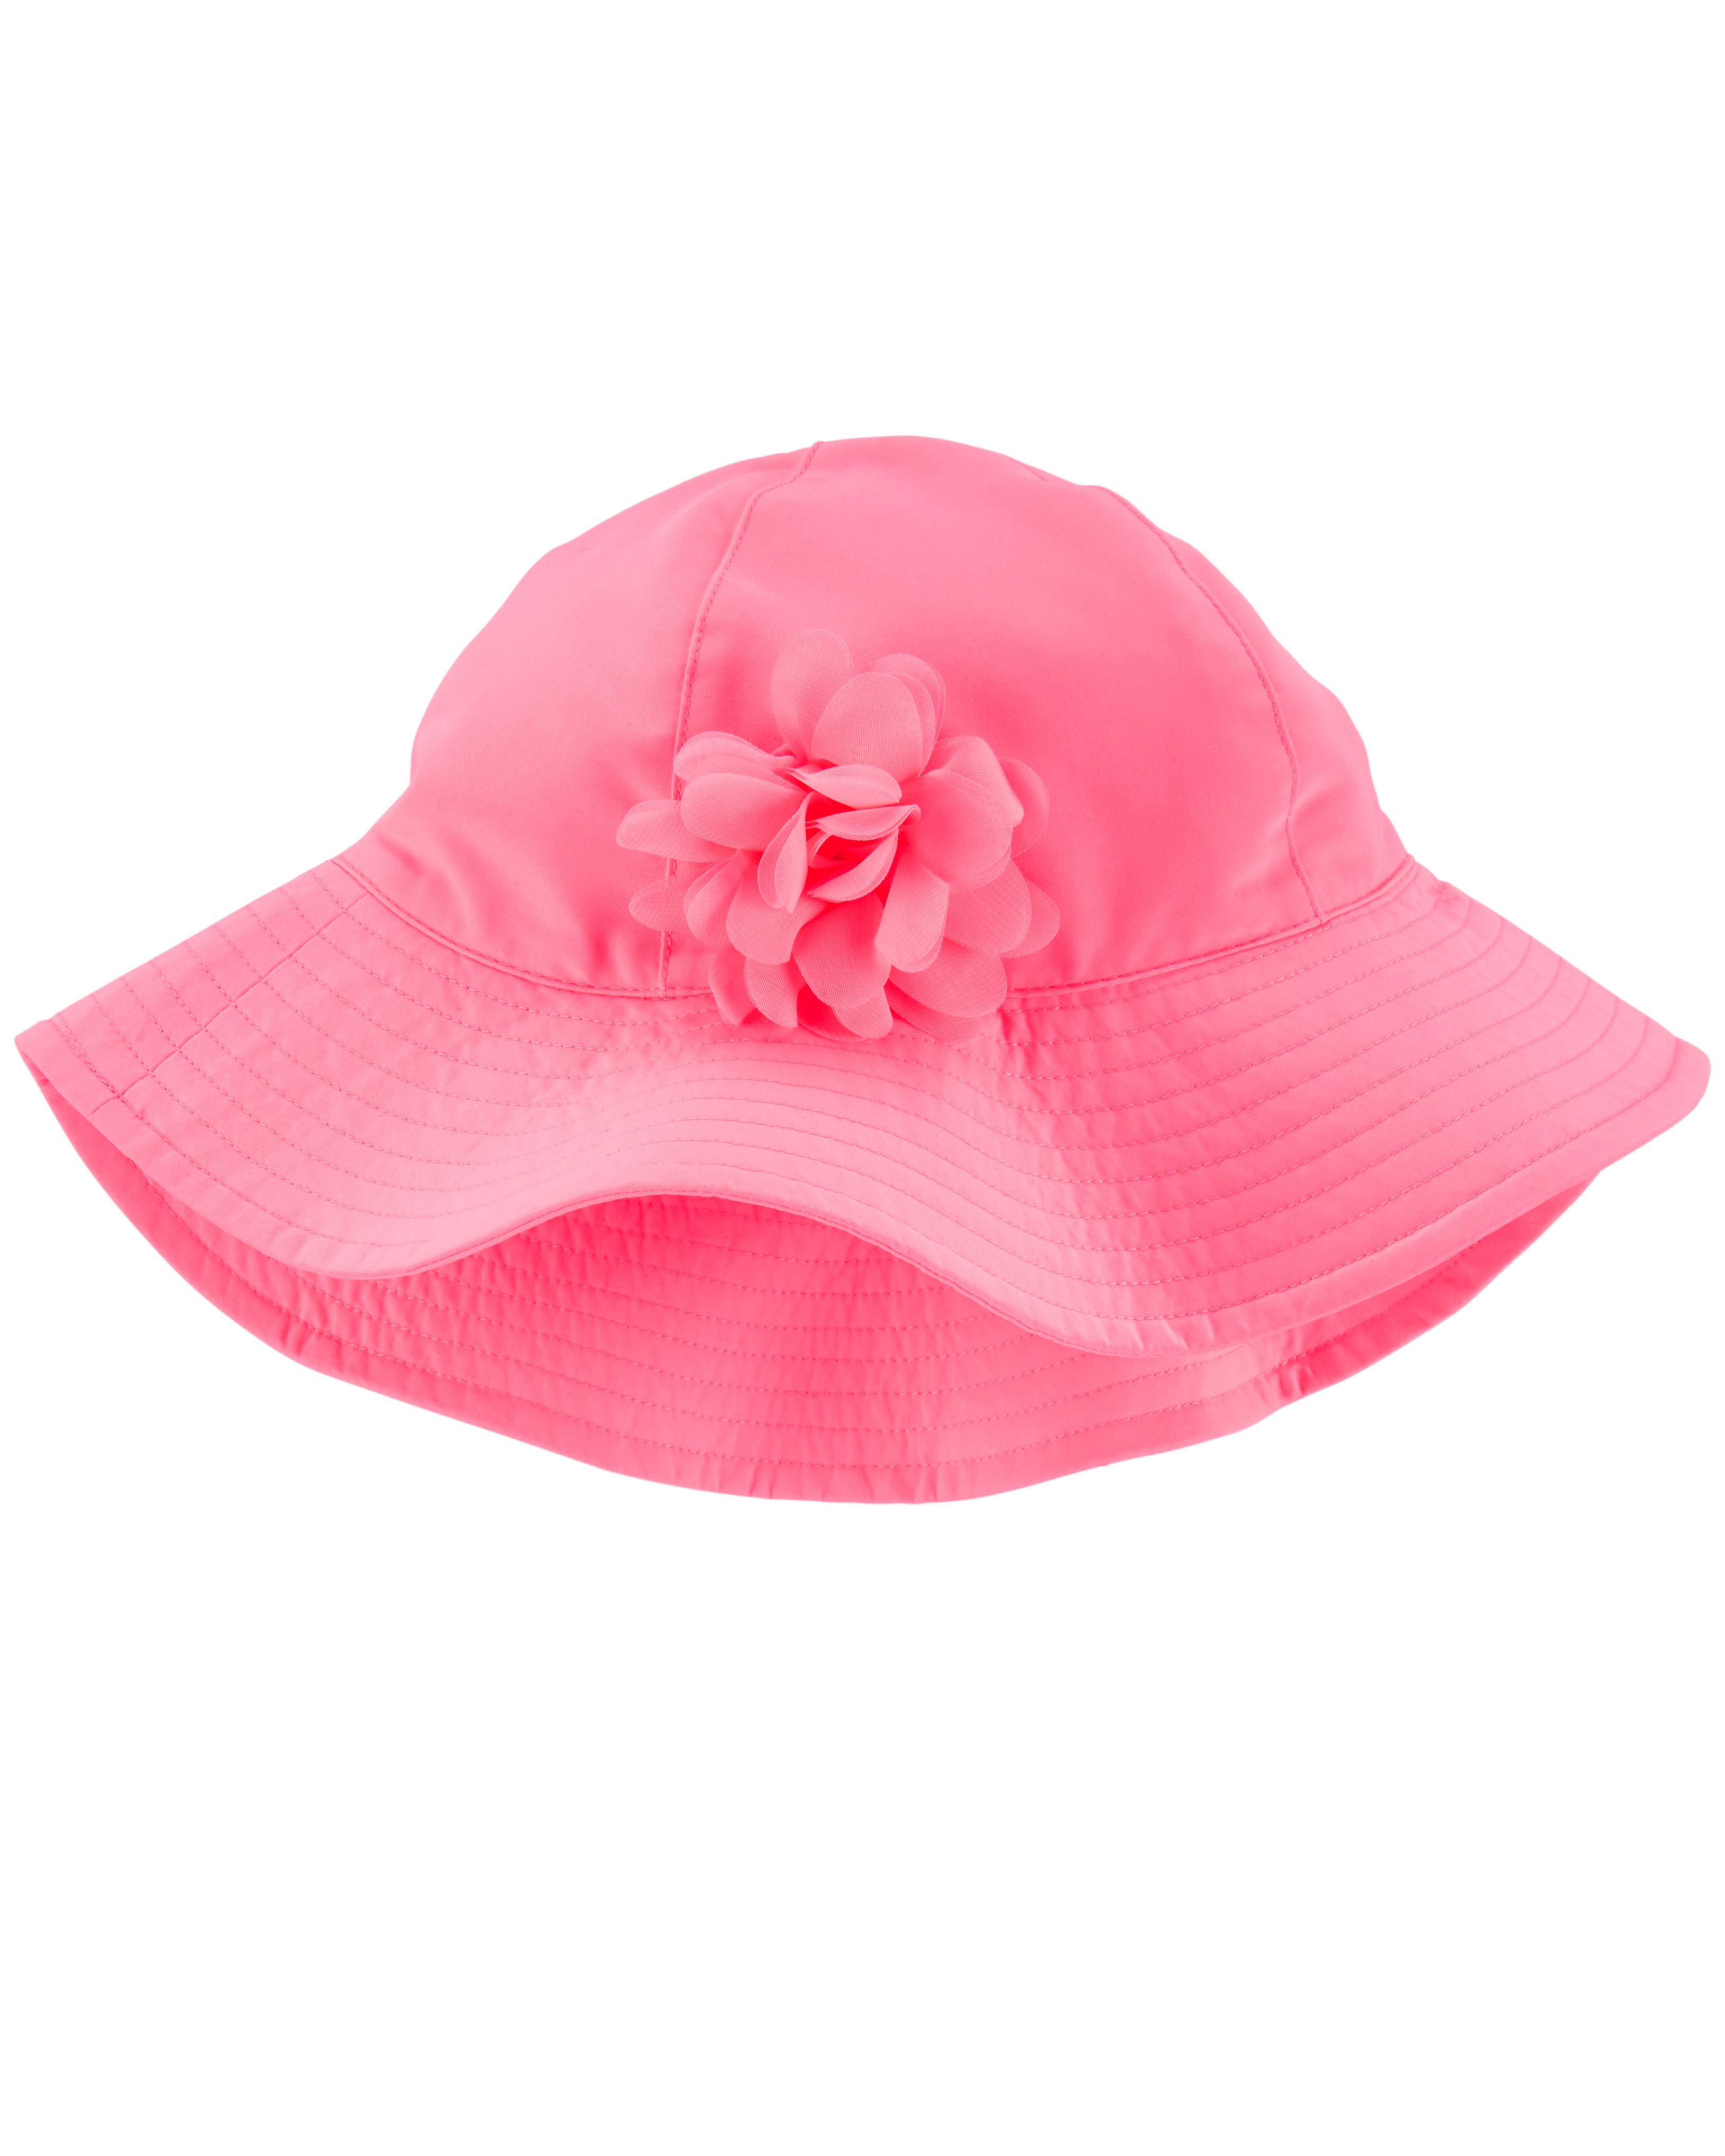 כובע רחב שוליים פרח ורוד